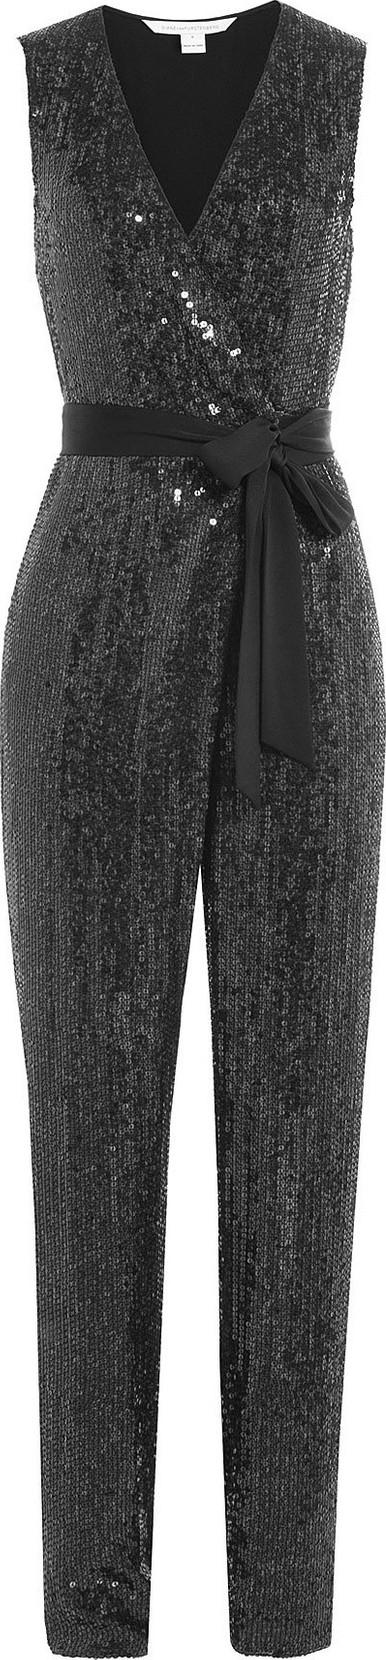 DIANE von FURSTENBERG Sequined Silk Jumpsuit